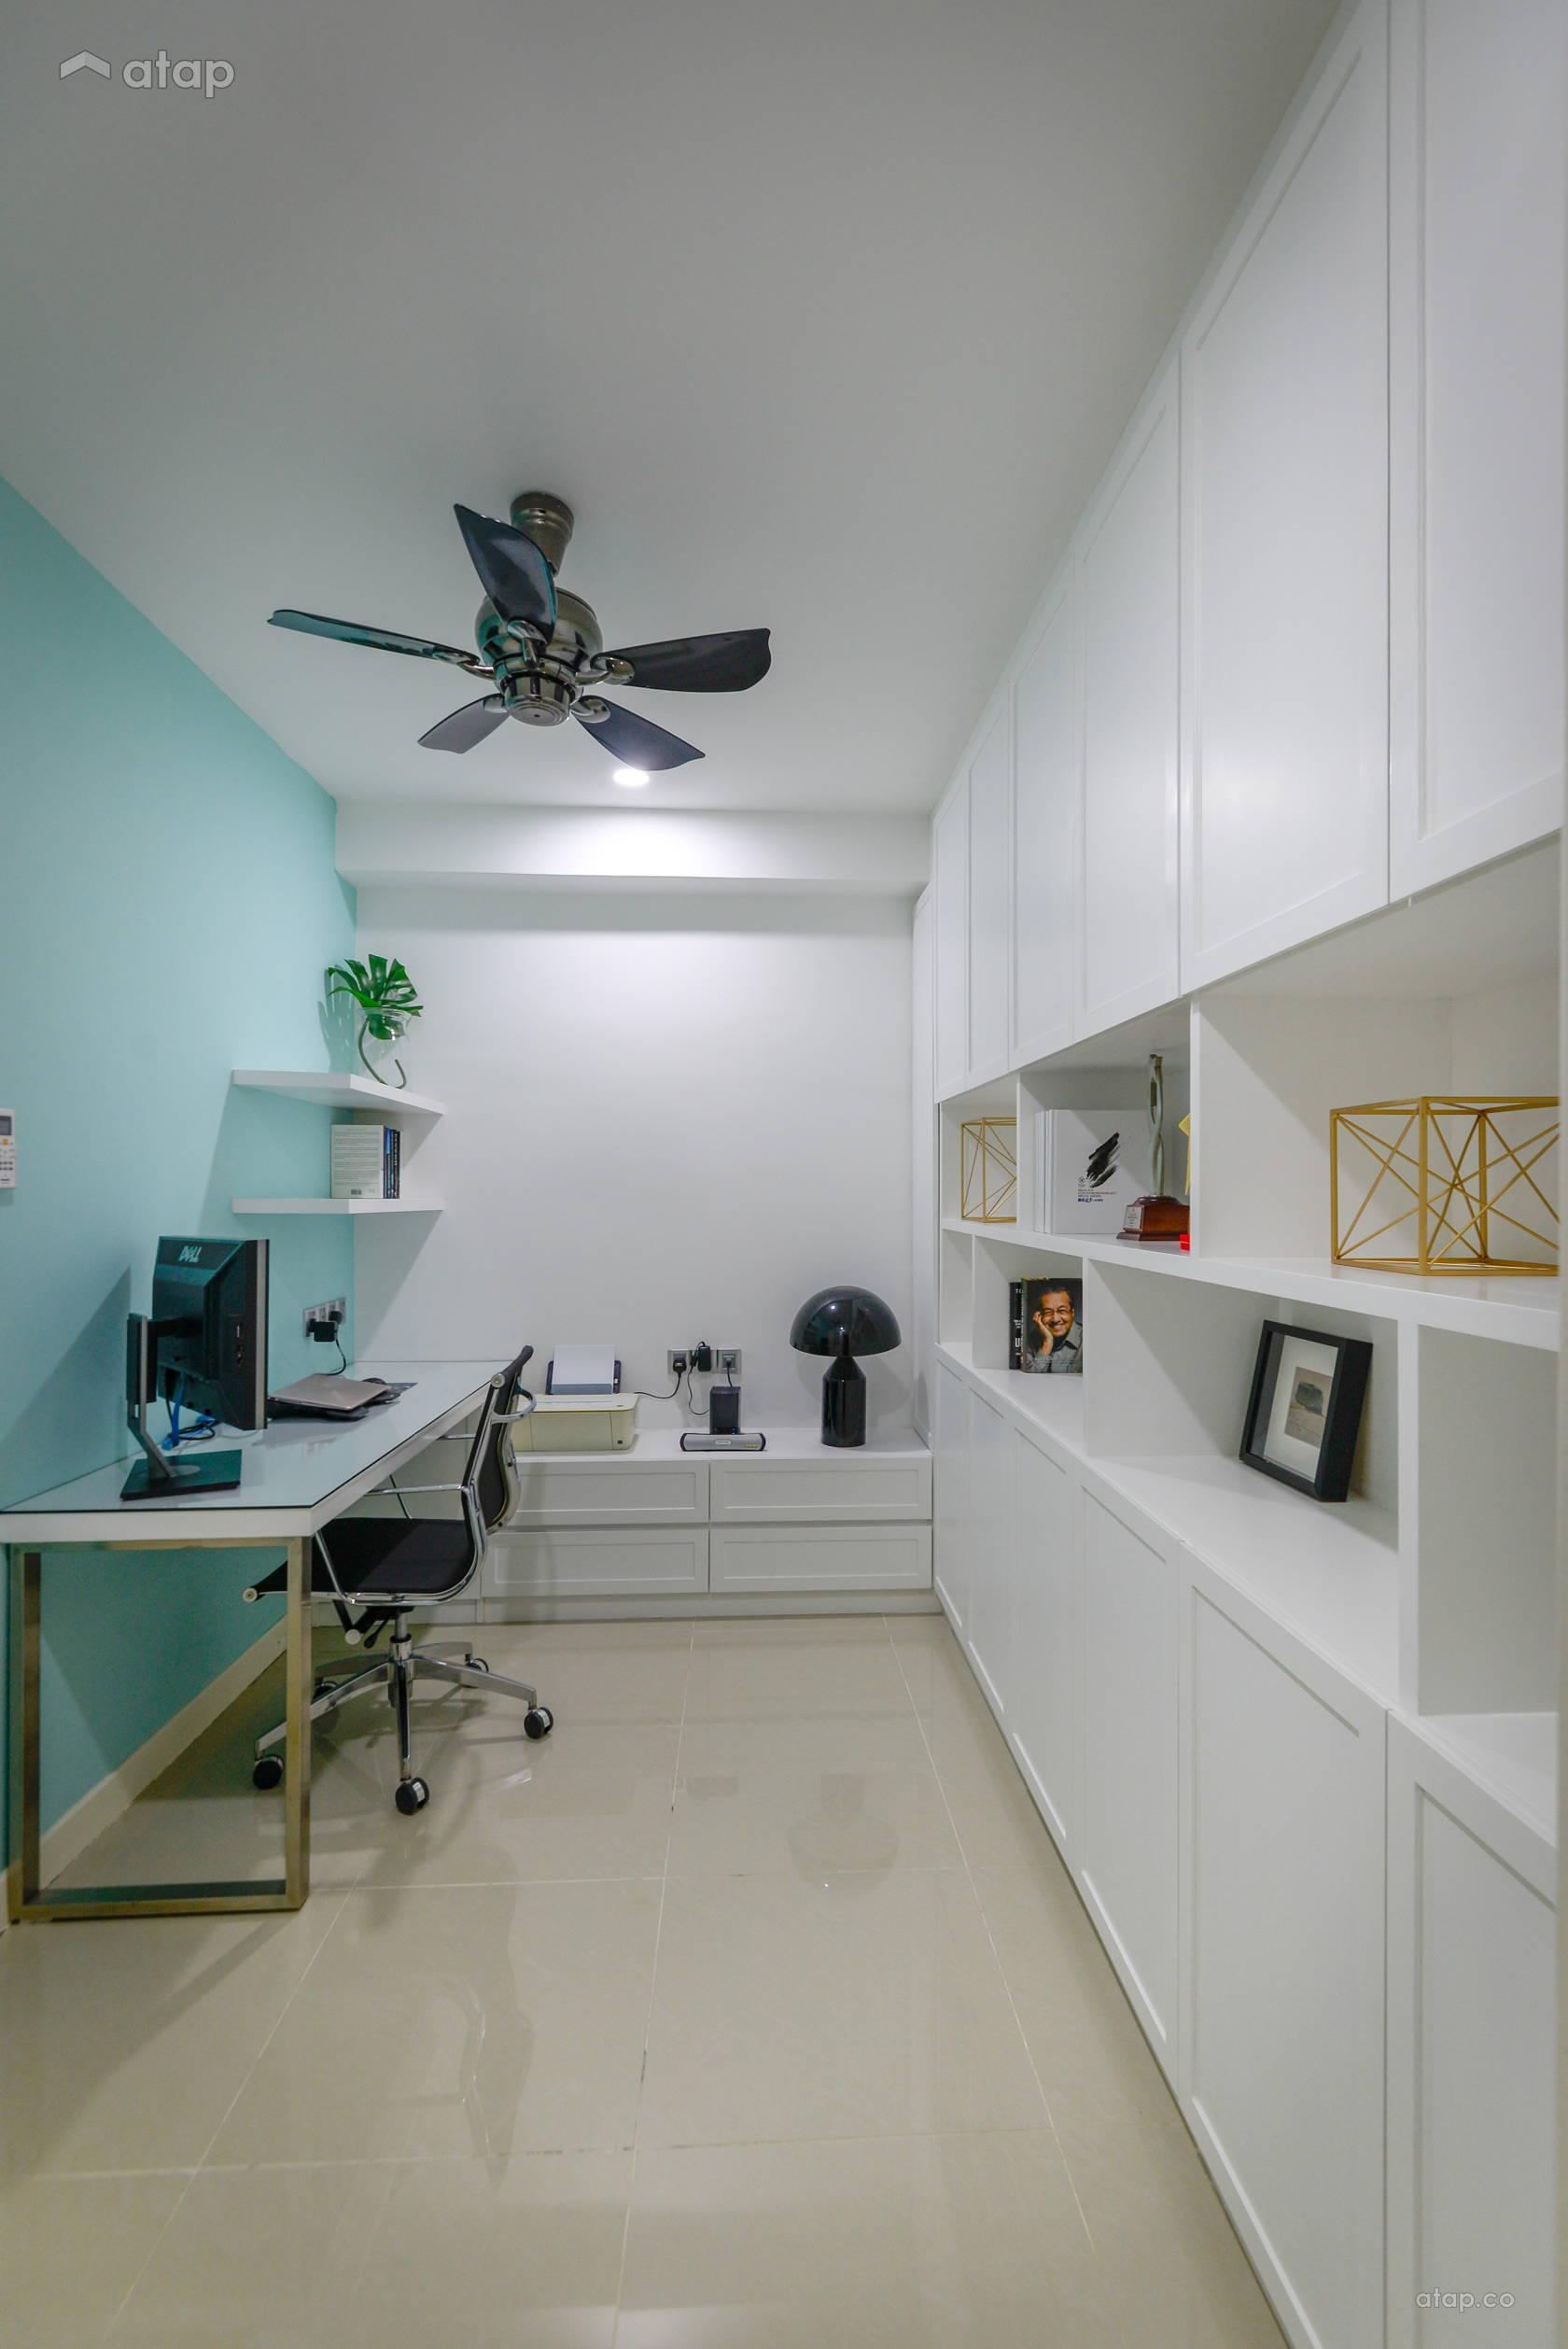 Condominium Study Room